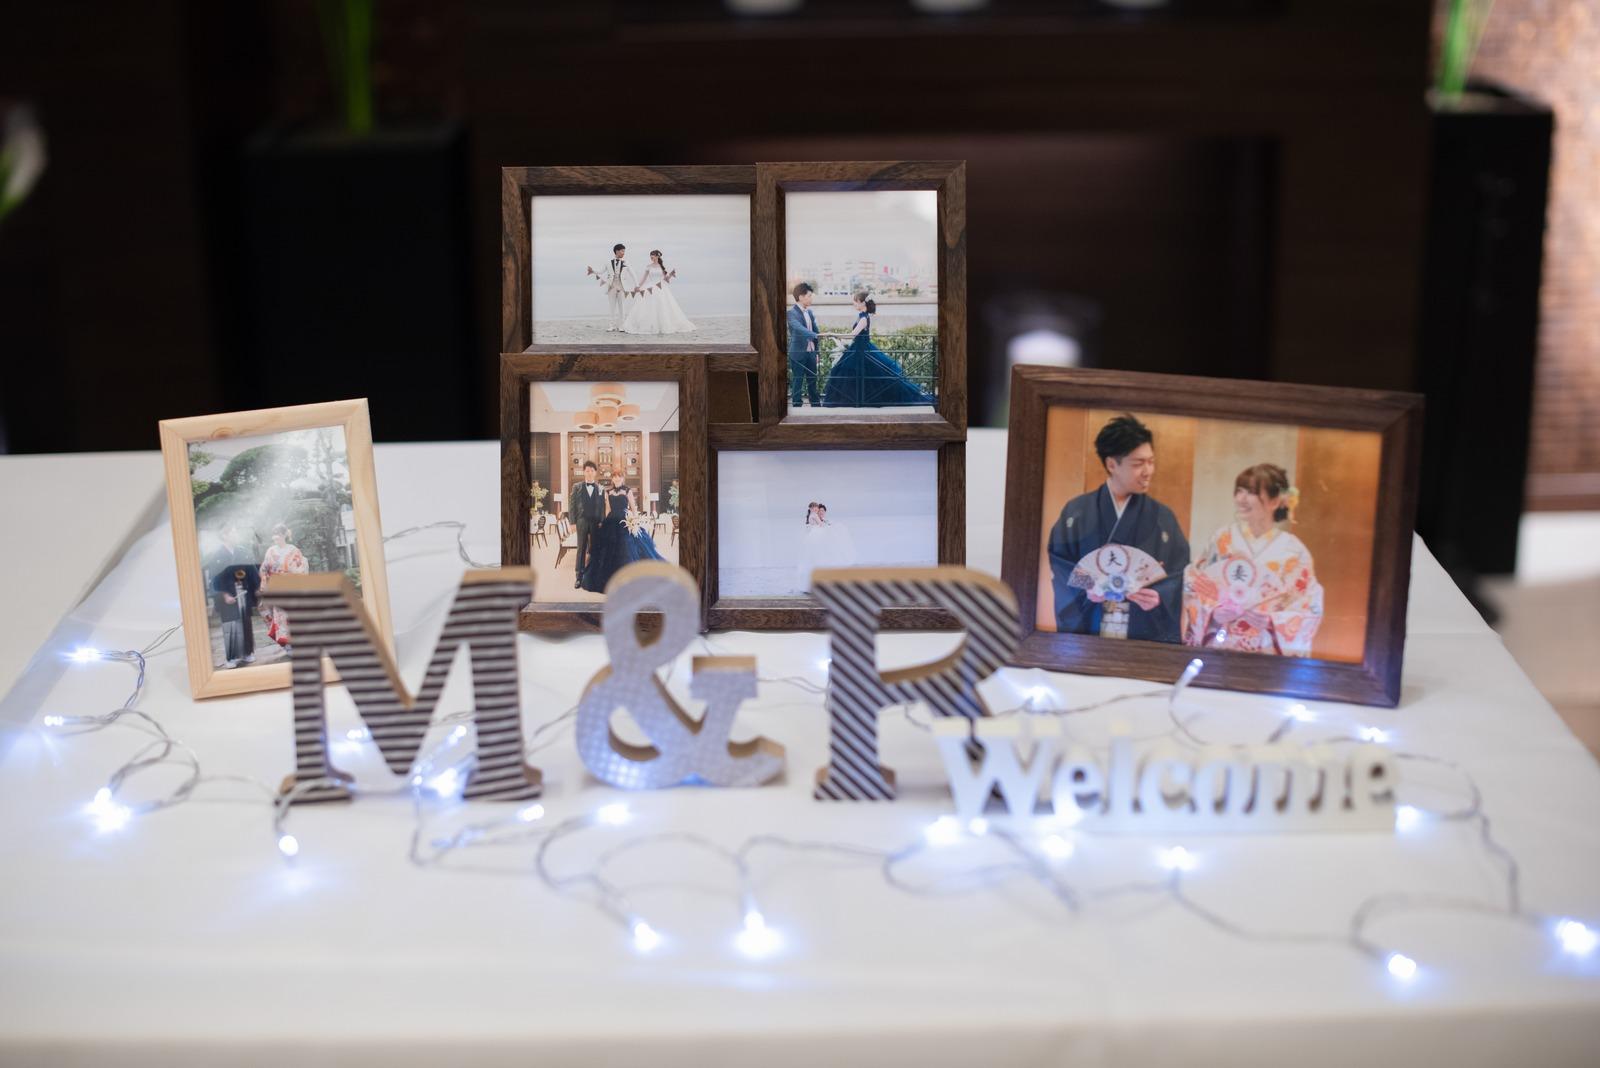 徳島市の結婚式場ブランアンジュの披露宴会場に飾った新郎新婦2人のイニシャルグッズと思い出の写真